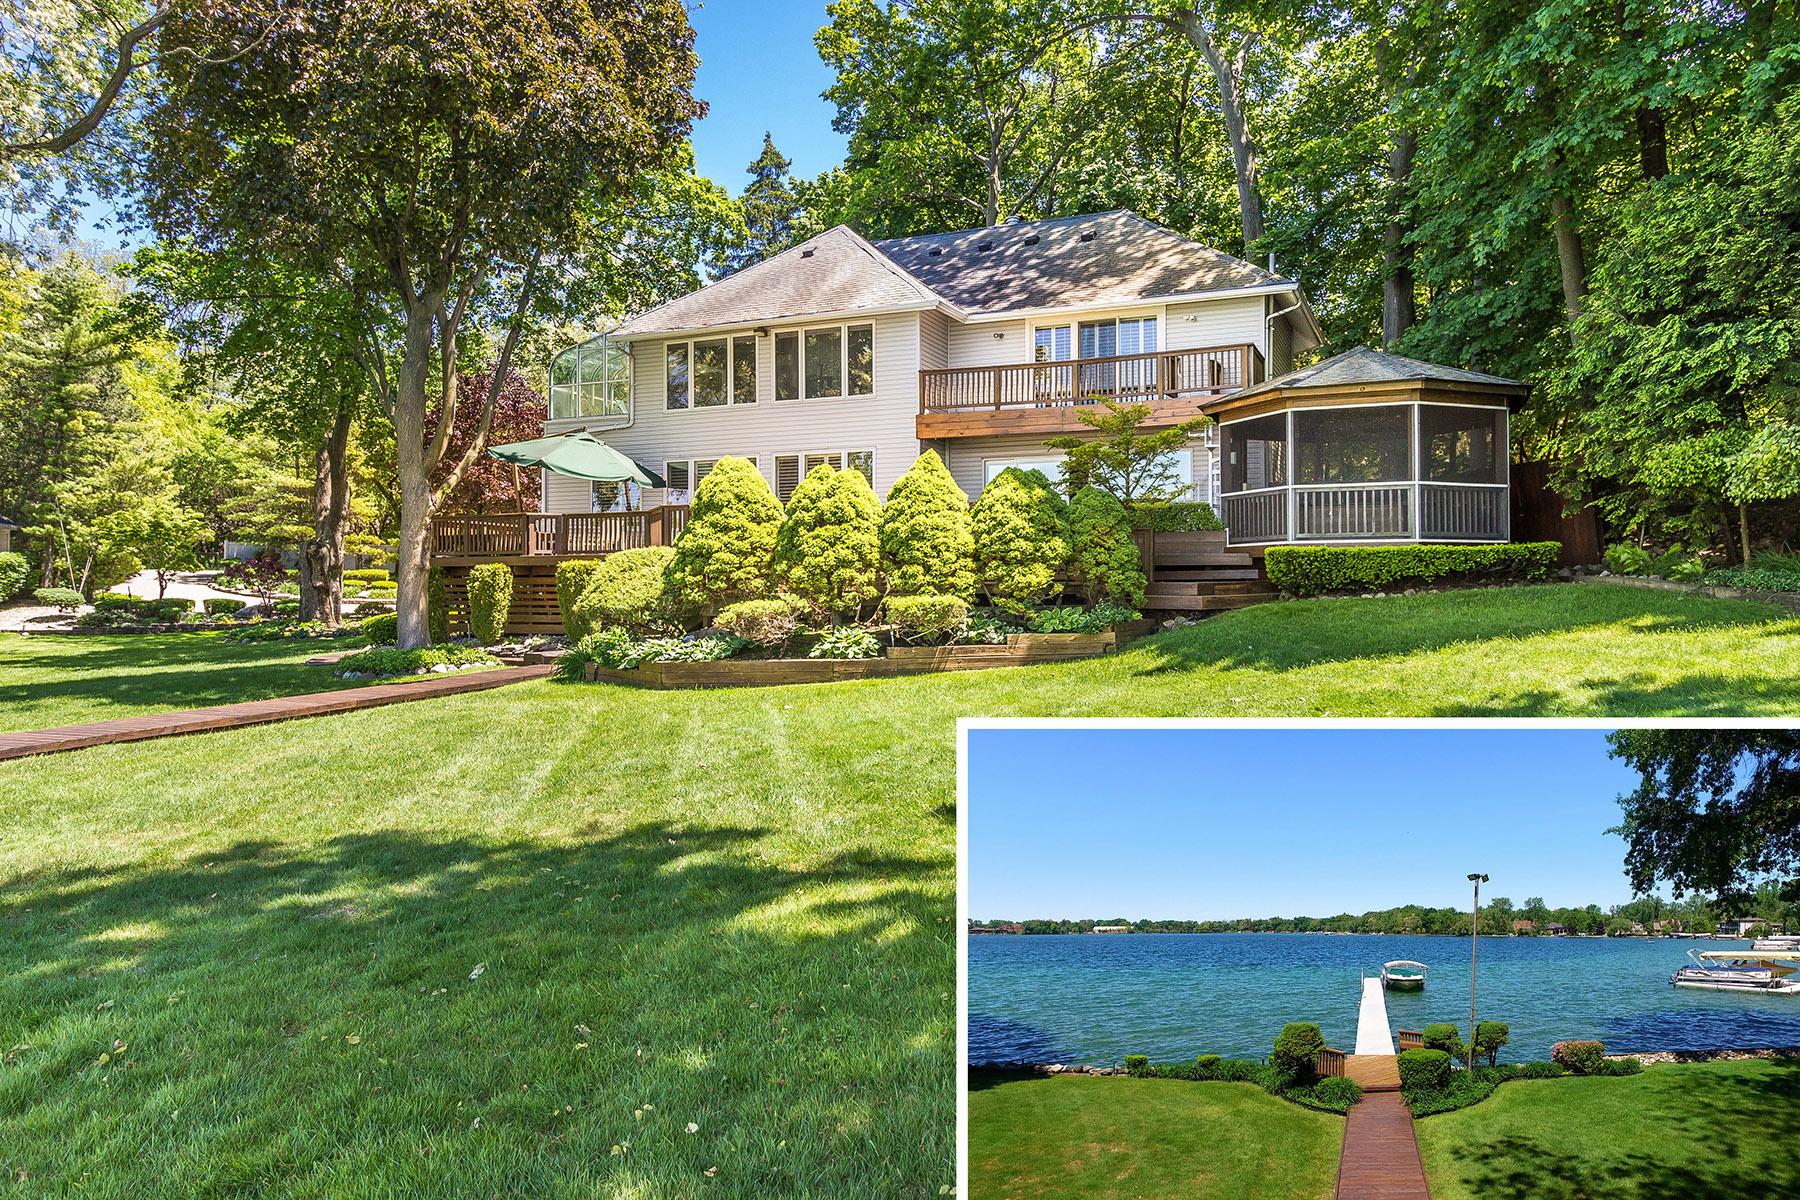 Maison unifamiliale pour l Vente à WEST BLOOMFIELD 3184 Middlebelt Road West Bloomfield, Michigan, 48323 États-Unis